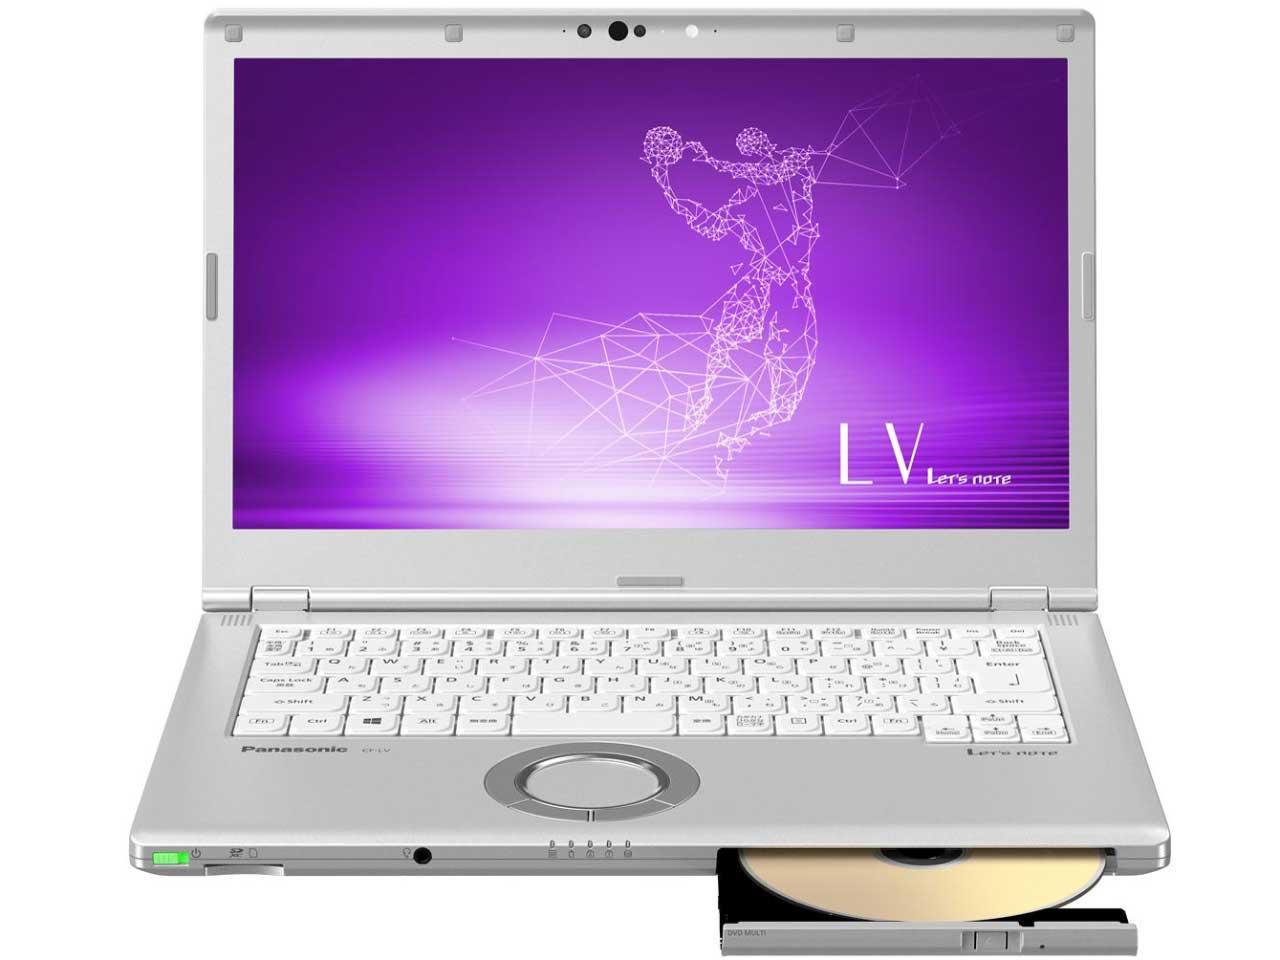 パナソニック Let's note LV8 法人(Core i5-8365UvPro/8GB/SSD256GB/SMD/W10P64/14.0FullHD/電池S/顔認証)(CF-LV8RDAVS)【smtb-s】